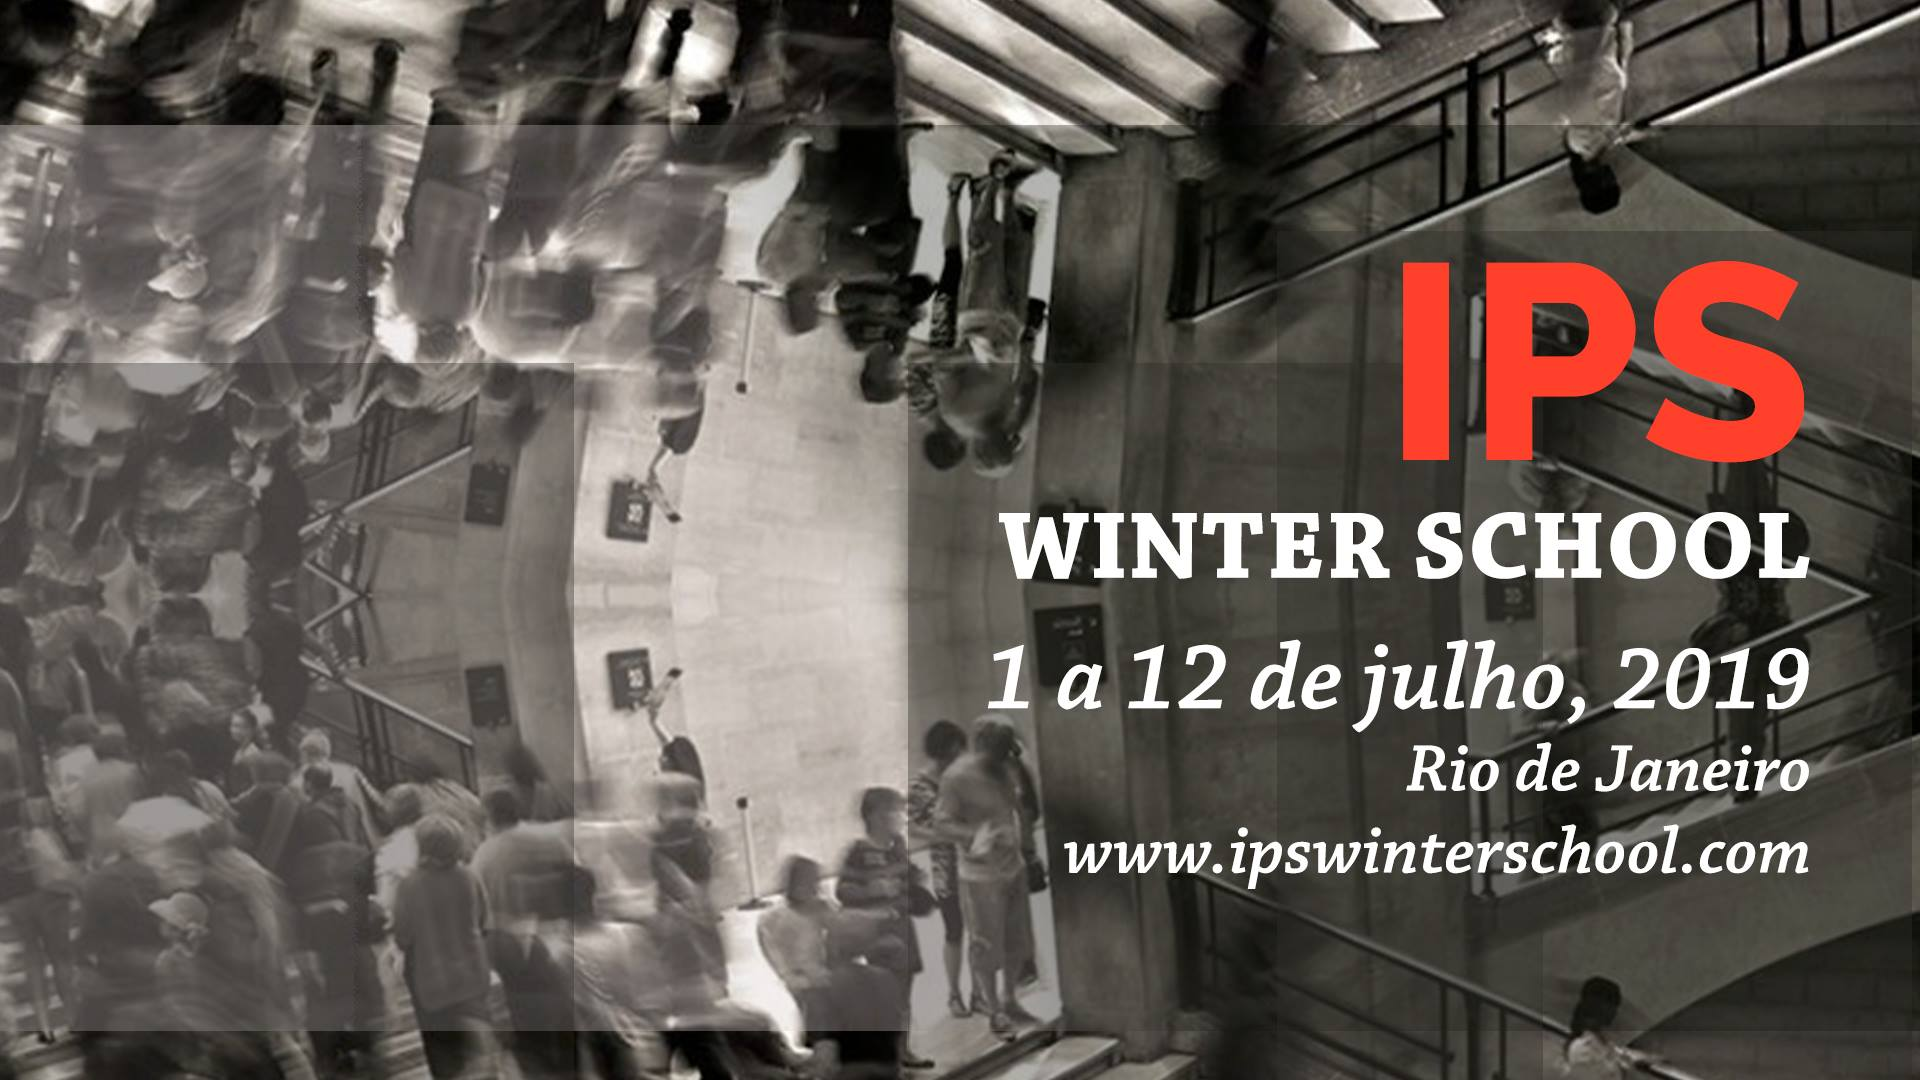 IPS Winter School 2019